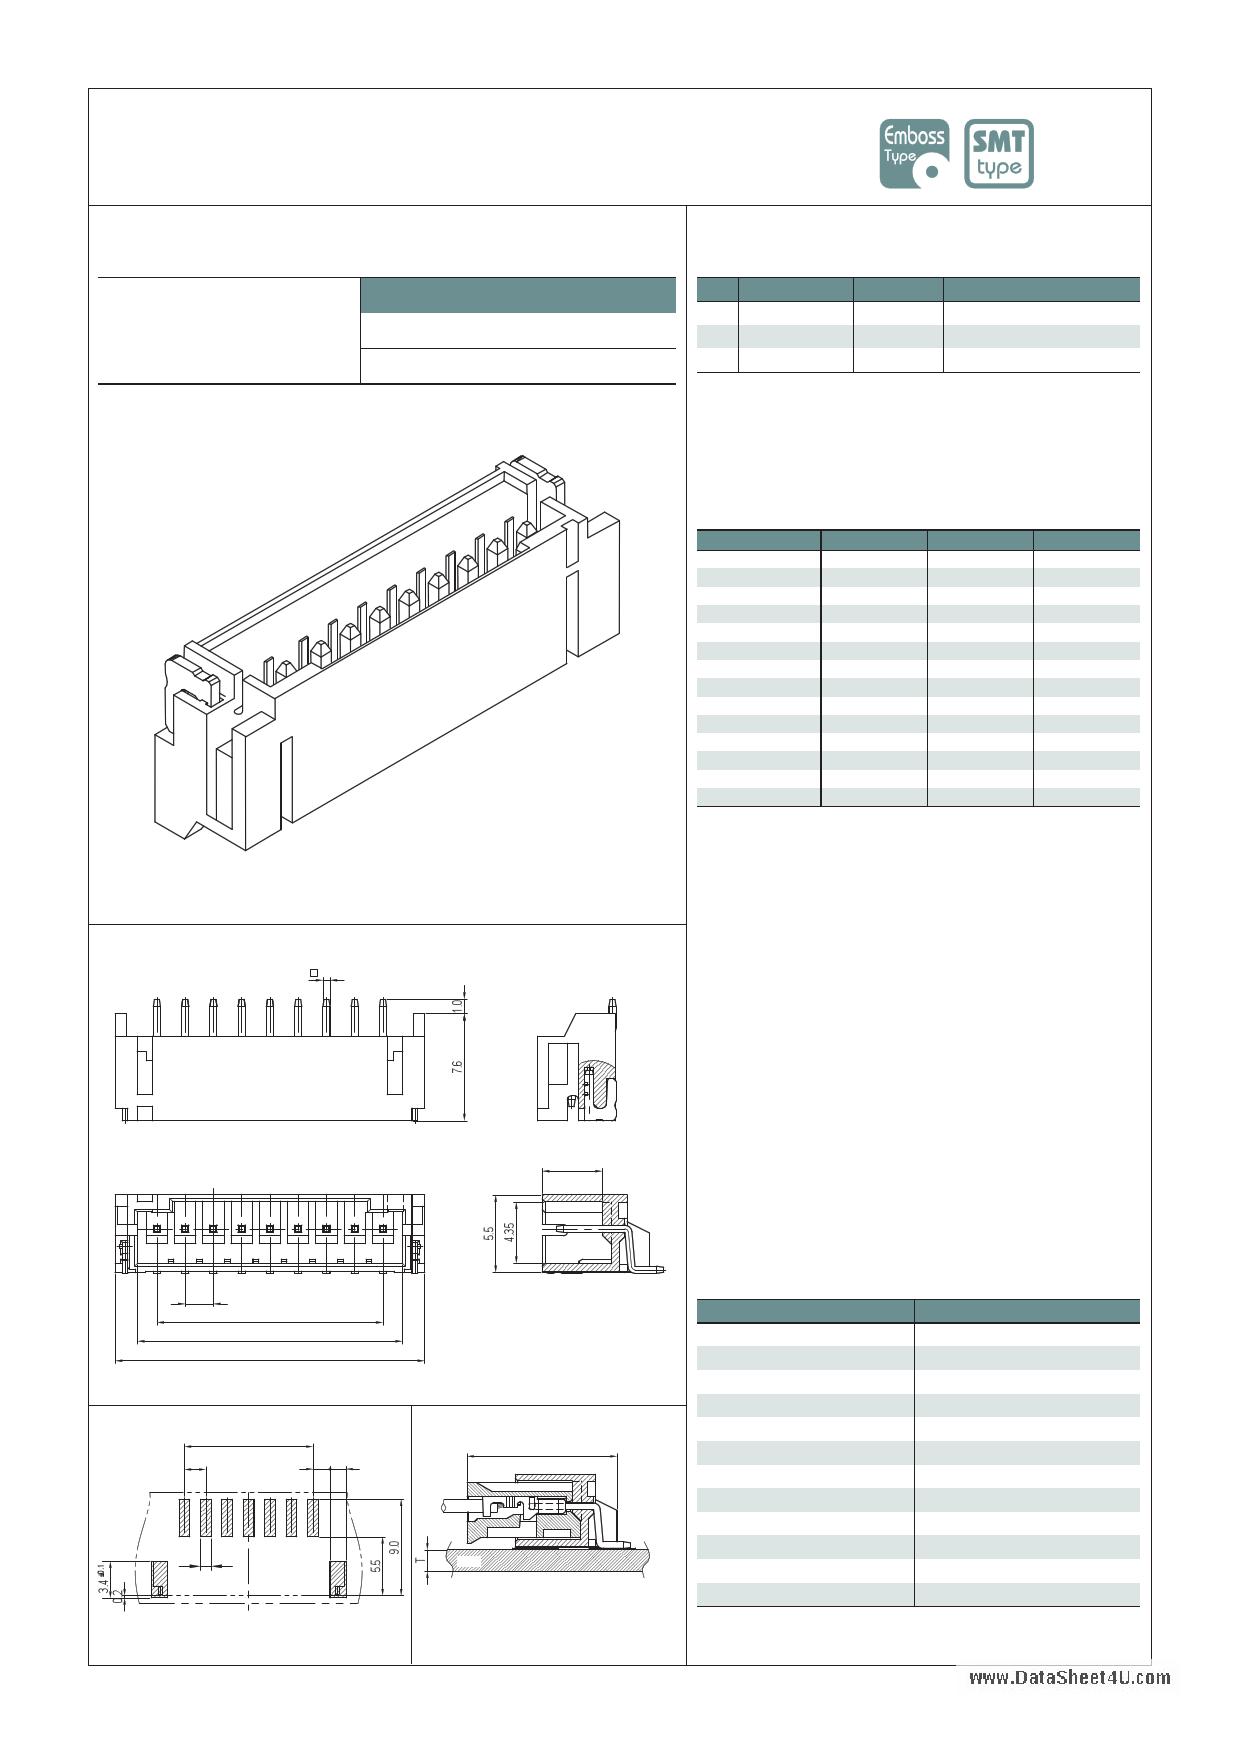 20022WR-04A00 datasheet